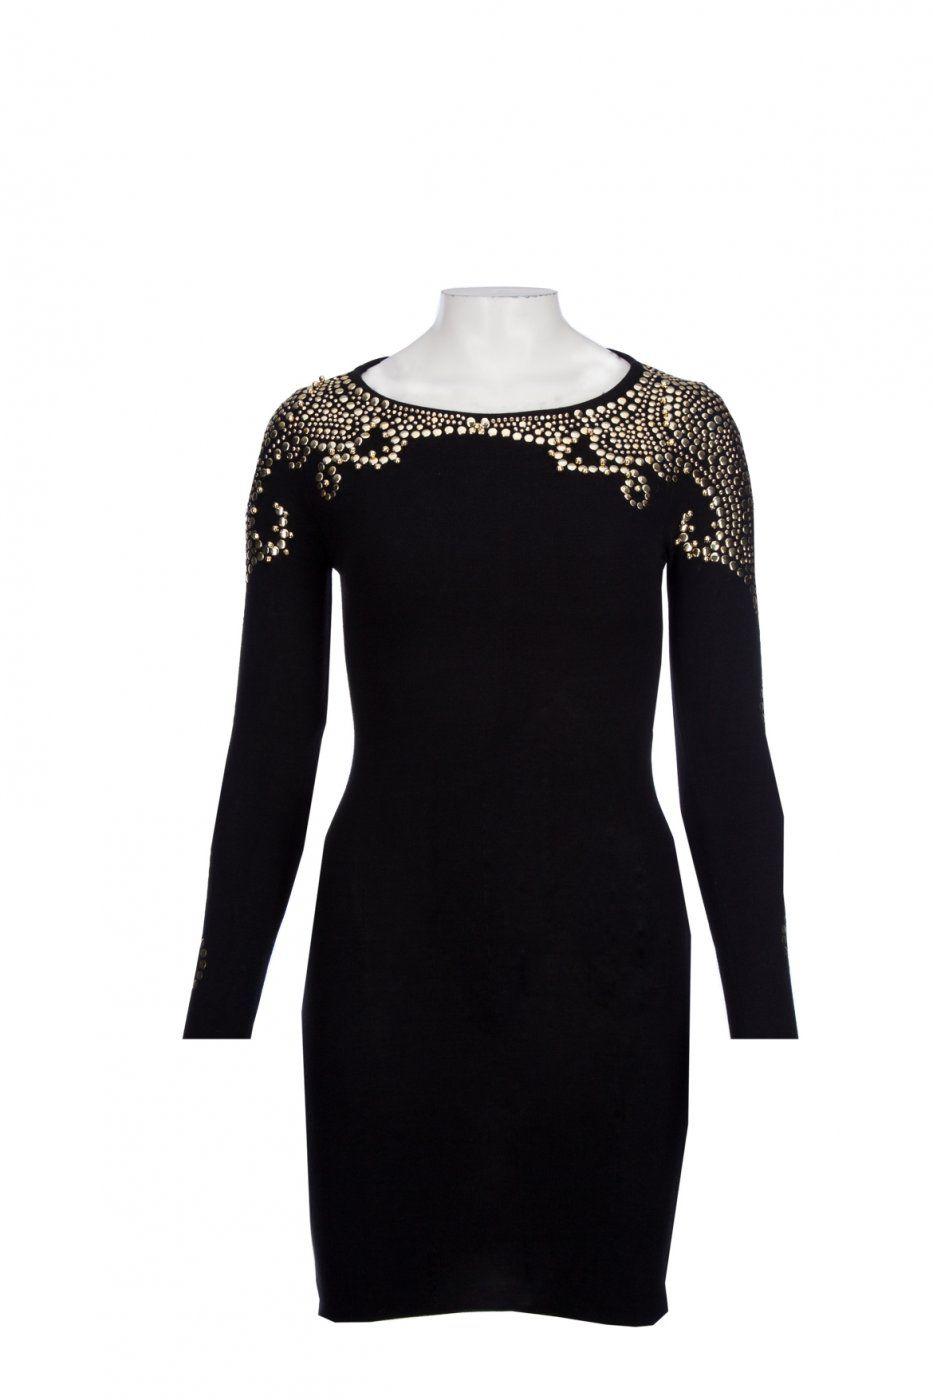 Kleid mit goldenen Nieten - Mädchenflohmarkt | Maybe buy | Pinterest ...